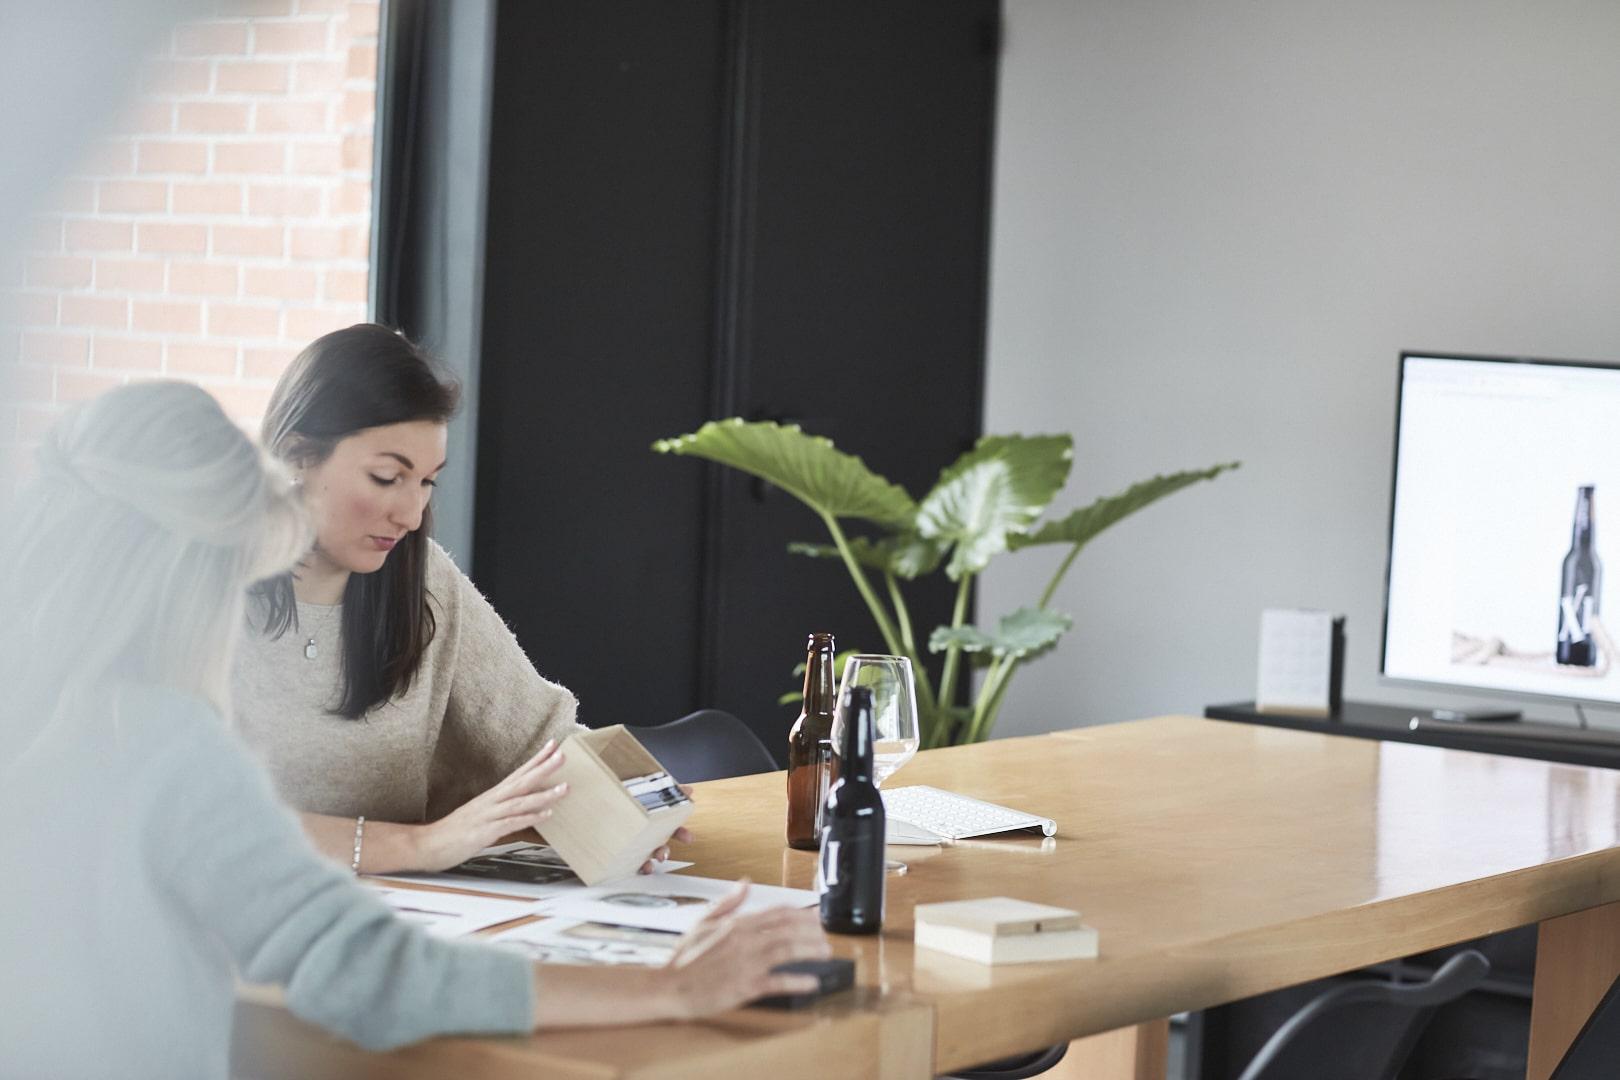 Een rebranding kan de uitstraling van jouw bedrijf tegemoetkomen.